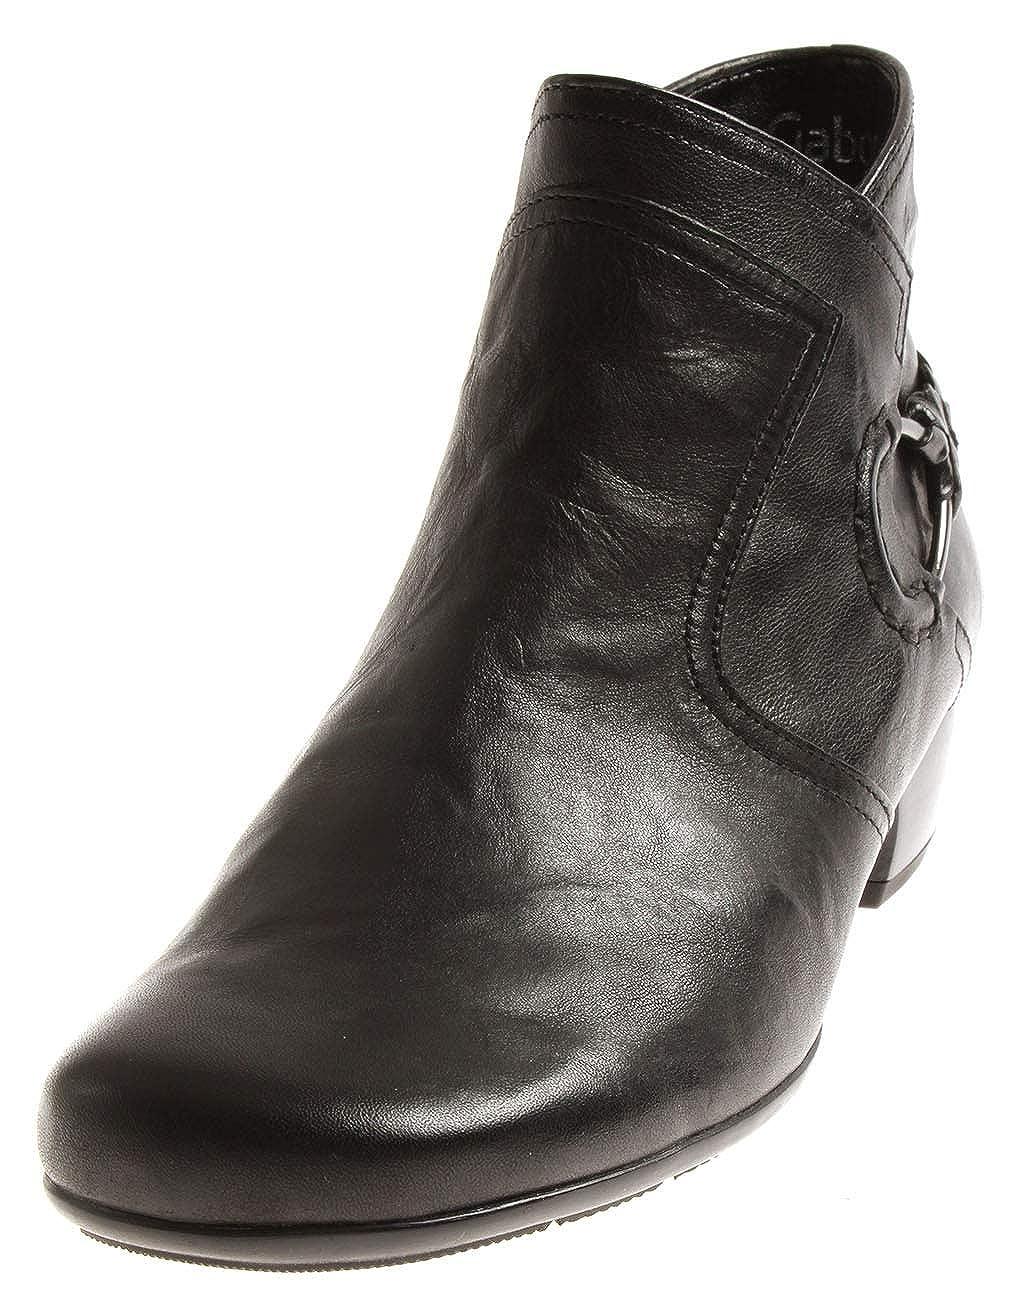 Gabor 96.644 Damen Schuhe Stiefelelette Lederschuhe Lederstiefelette Business